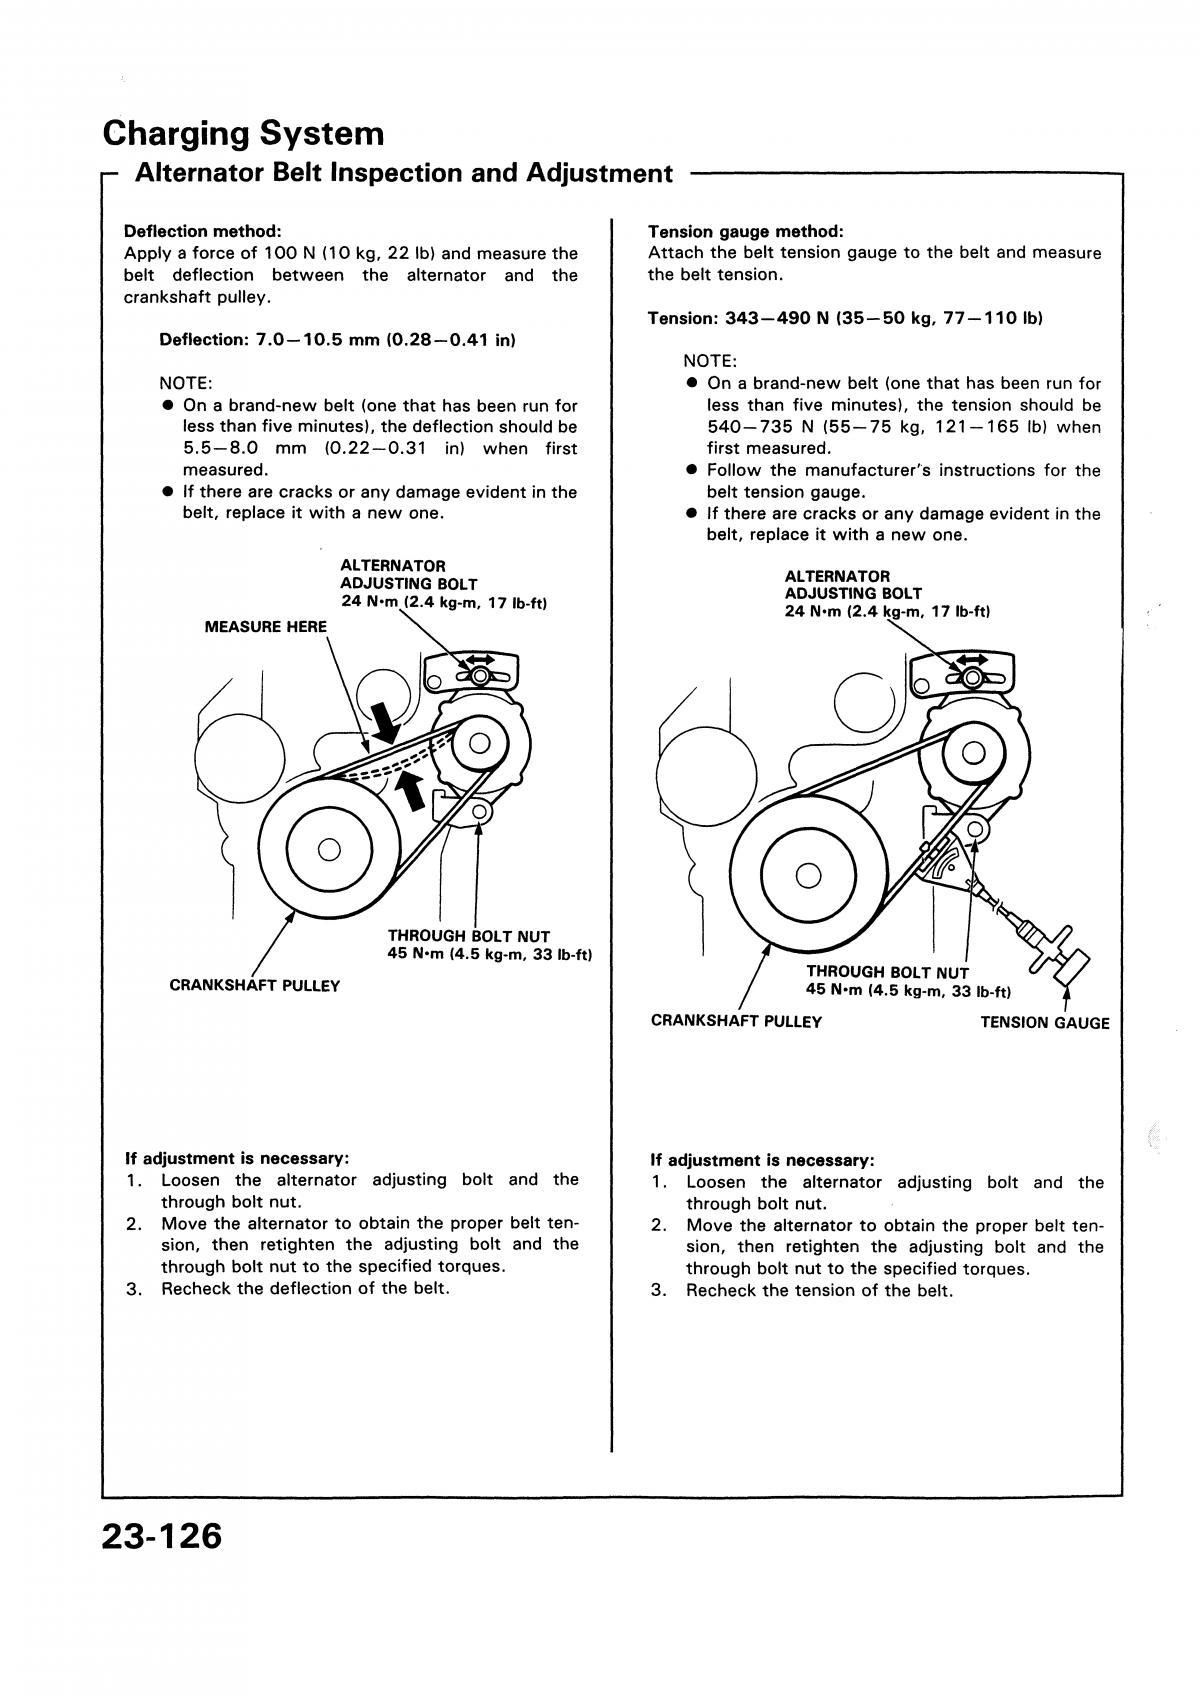 2013 Honda Civic Belt Diagram : honda, civic, diagram, DW_4330], Civic, Diagram, Wiring